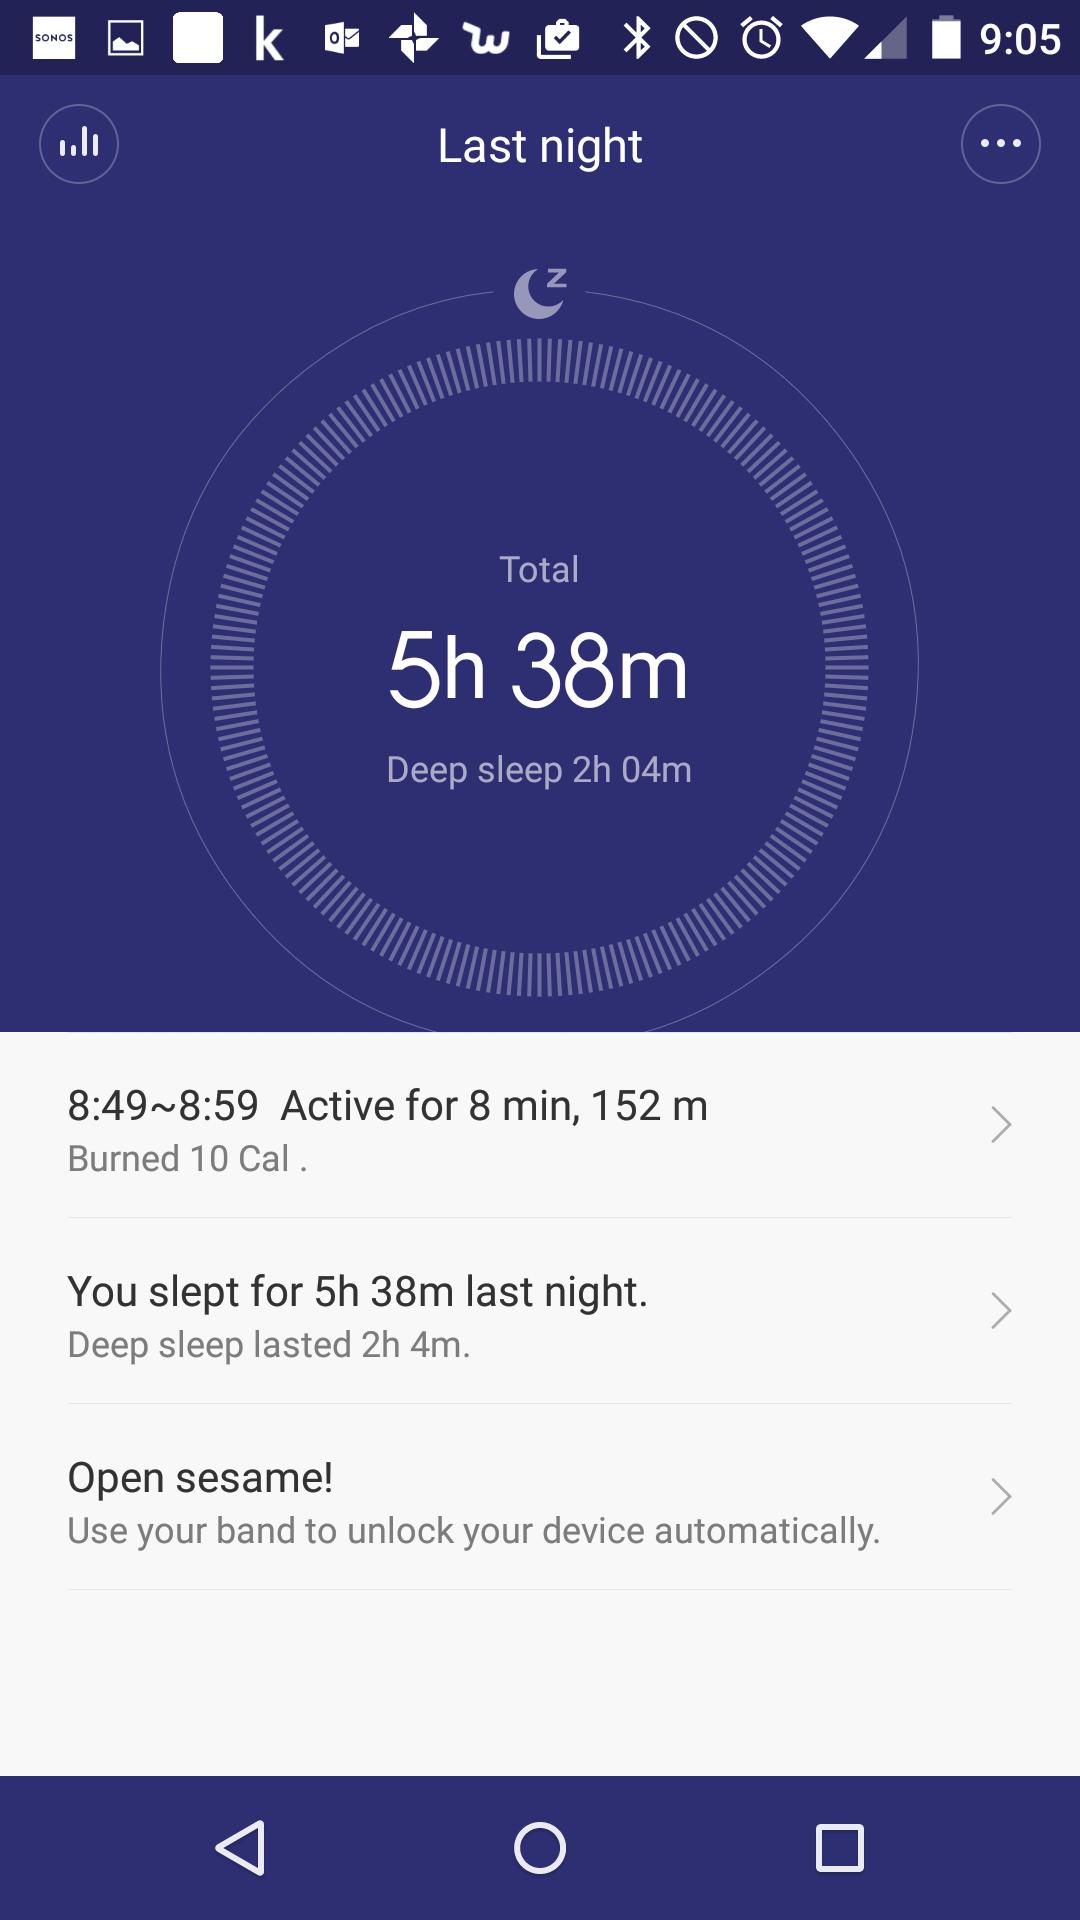 これがrakeemが気に入っている睡眠時間の情報。Deep Sleepにいては振動などの動きのレベルでどこまで深い睡眠かを測定しているもよう。 なお、通常の二度寝は起きたことになっていないことを確認していますw